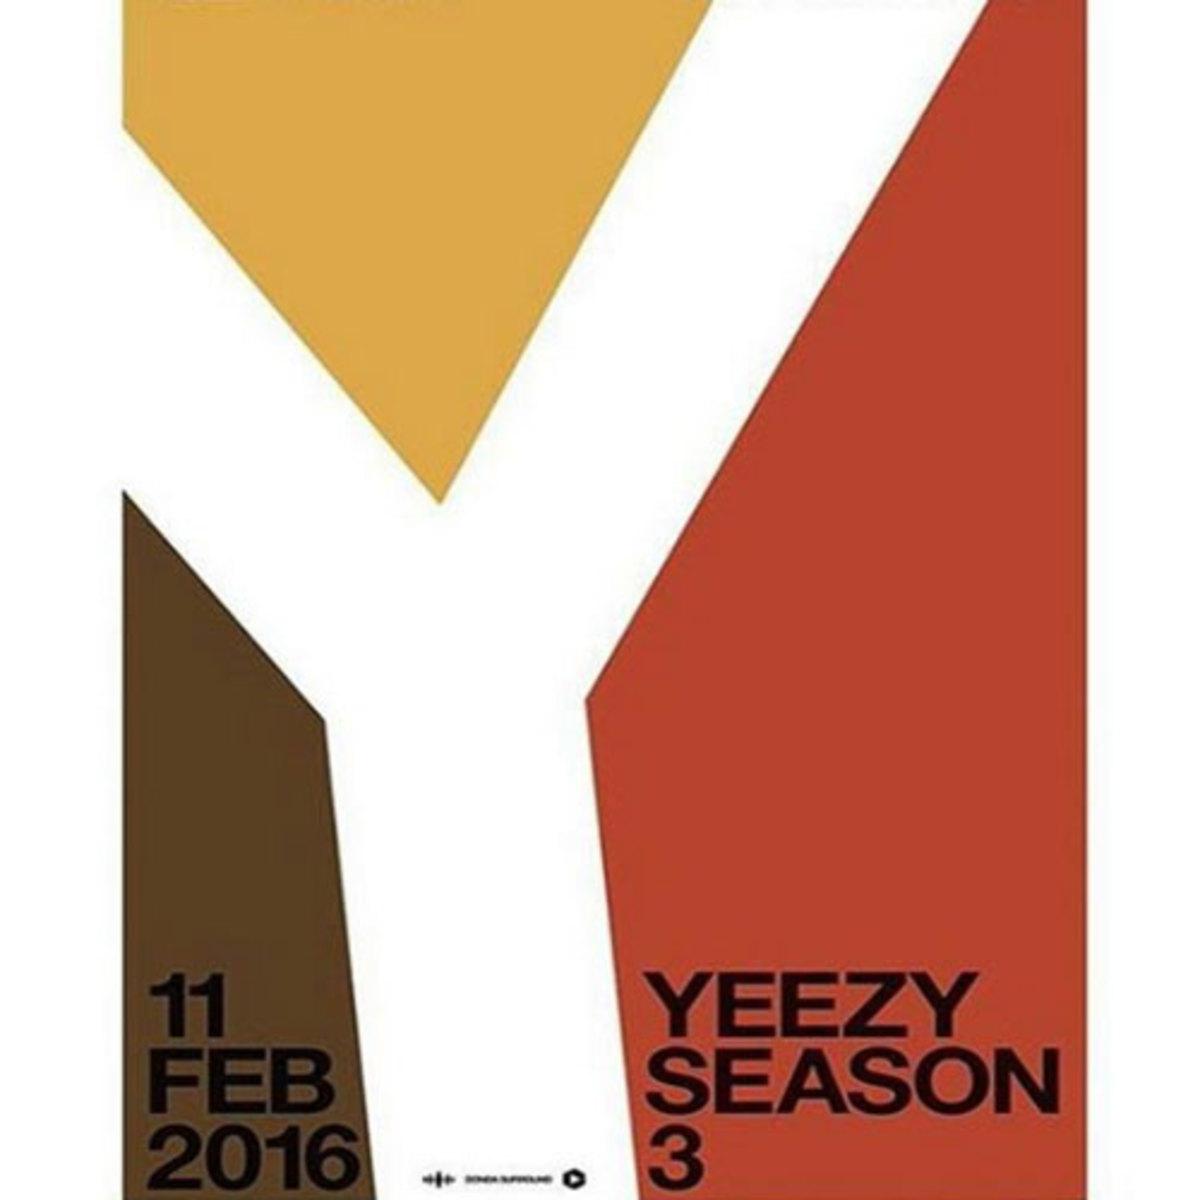 kanye-west-yeezy-season-3.jpg